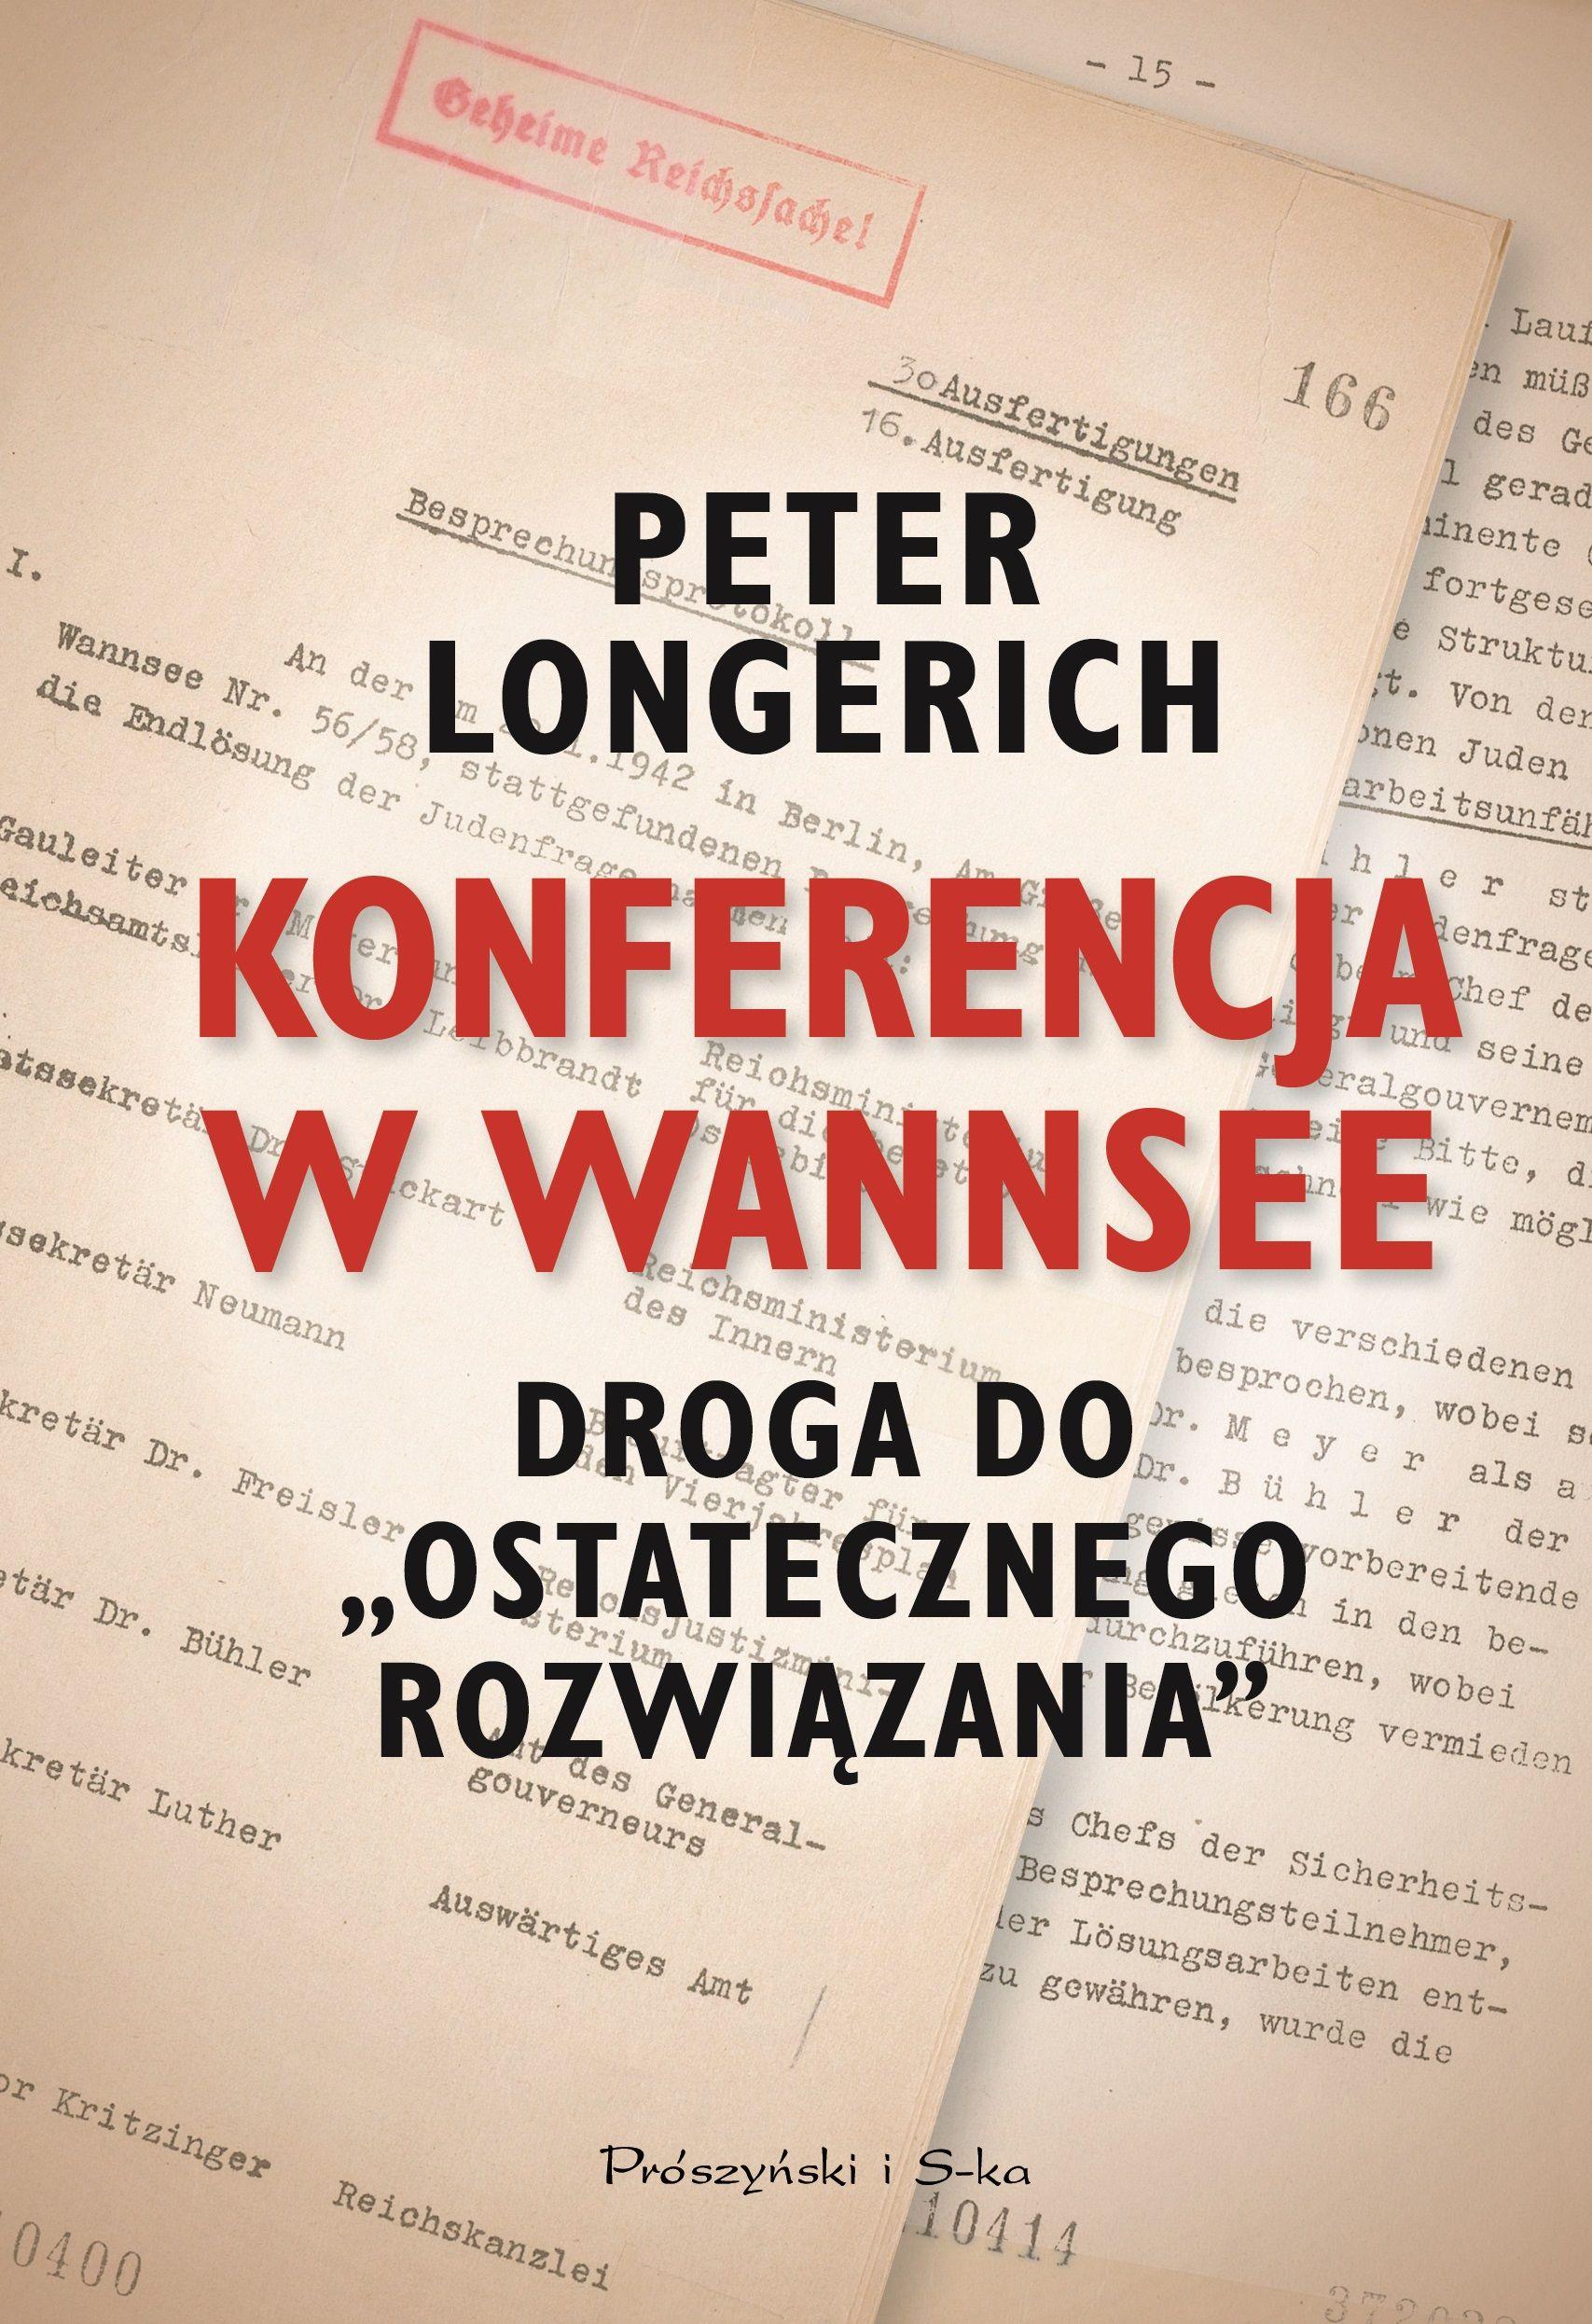 """Artykuł powstał między innymi w oparciu o książkę Petera Longericha Konferencja w Wannsee. Droga do """"ostatecznego rozwiązania"""", wydaną nakładem wydawnictwa Prószyński i S-ka."""